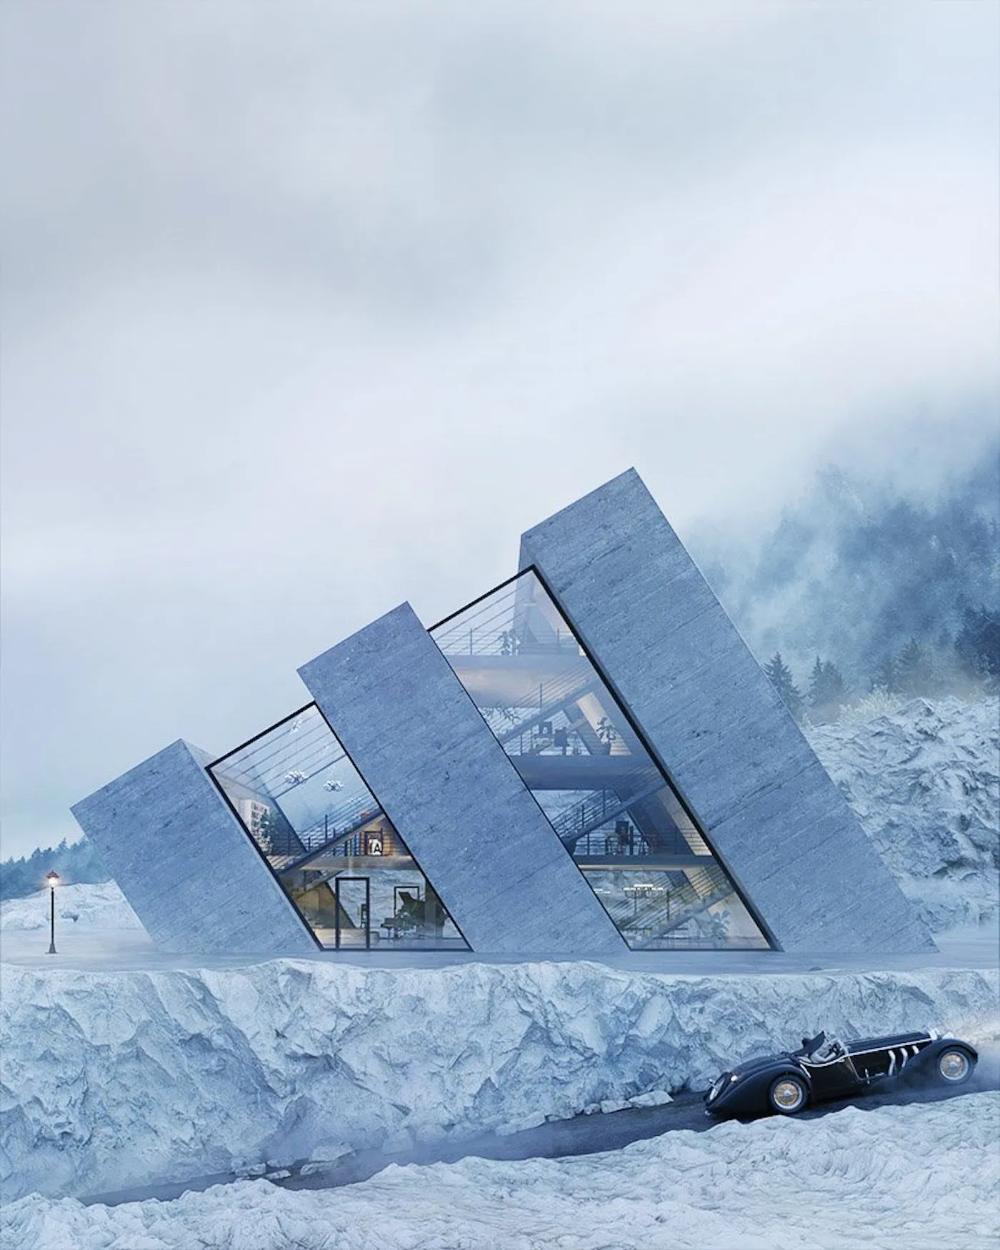 Ce studio imagine des maisons en sinspirant des logos de grandes marques